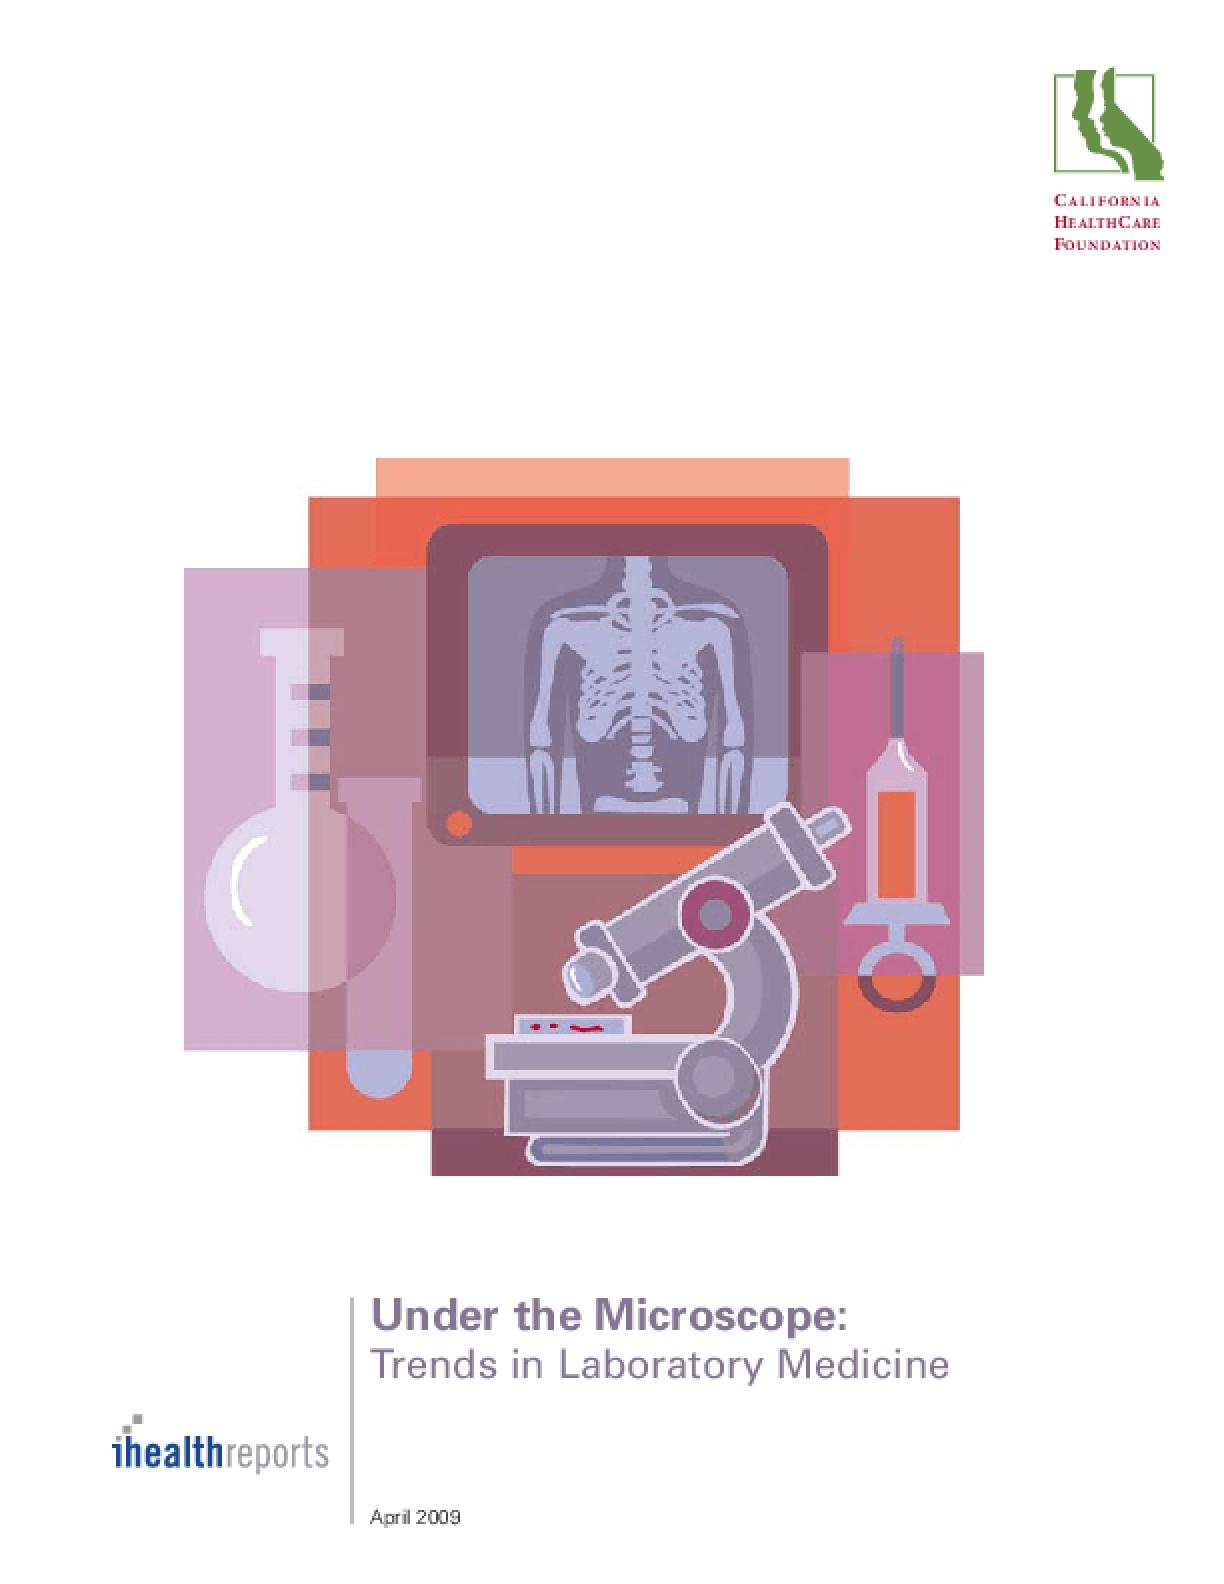 Under the Microscope: Trends in Laboratory Medicine